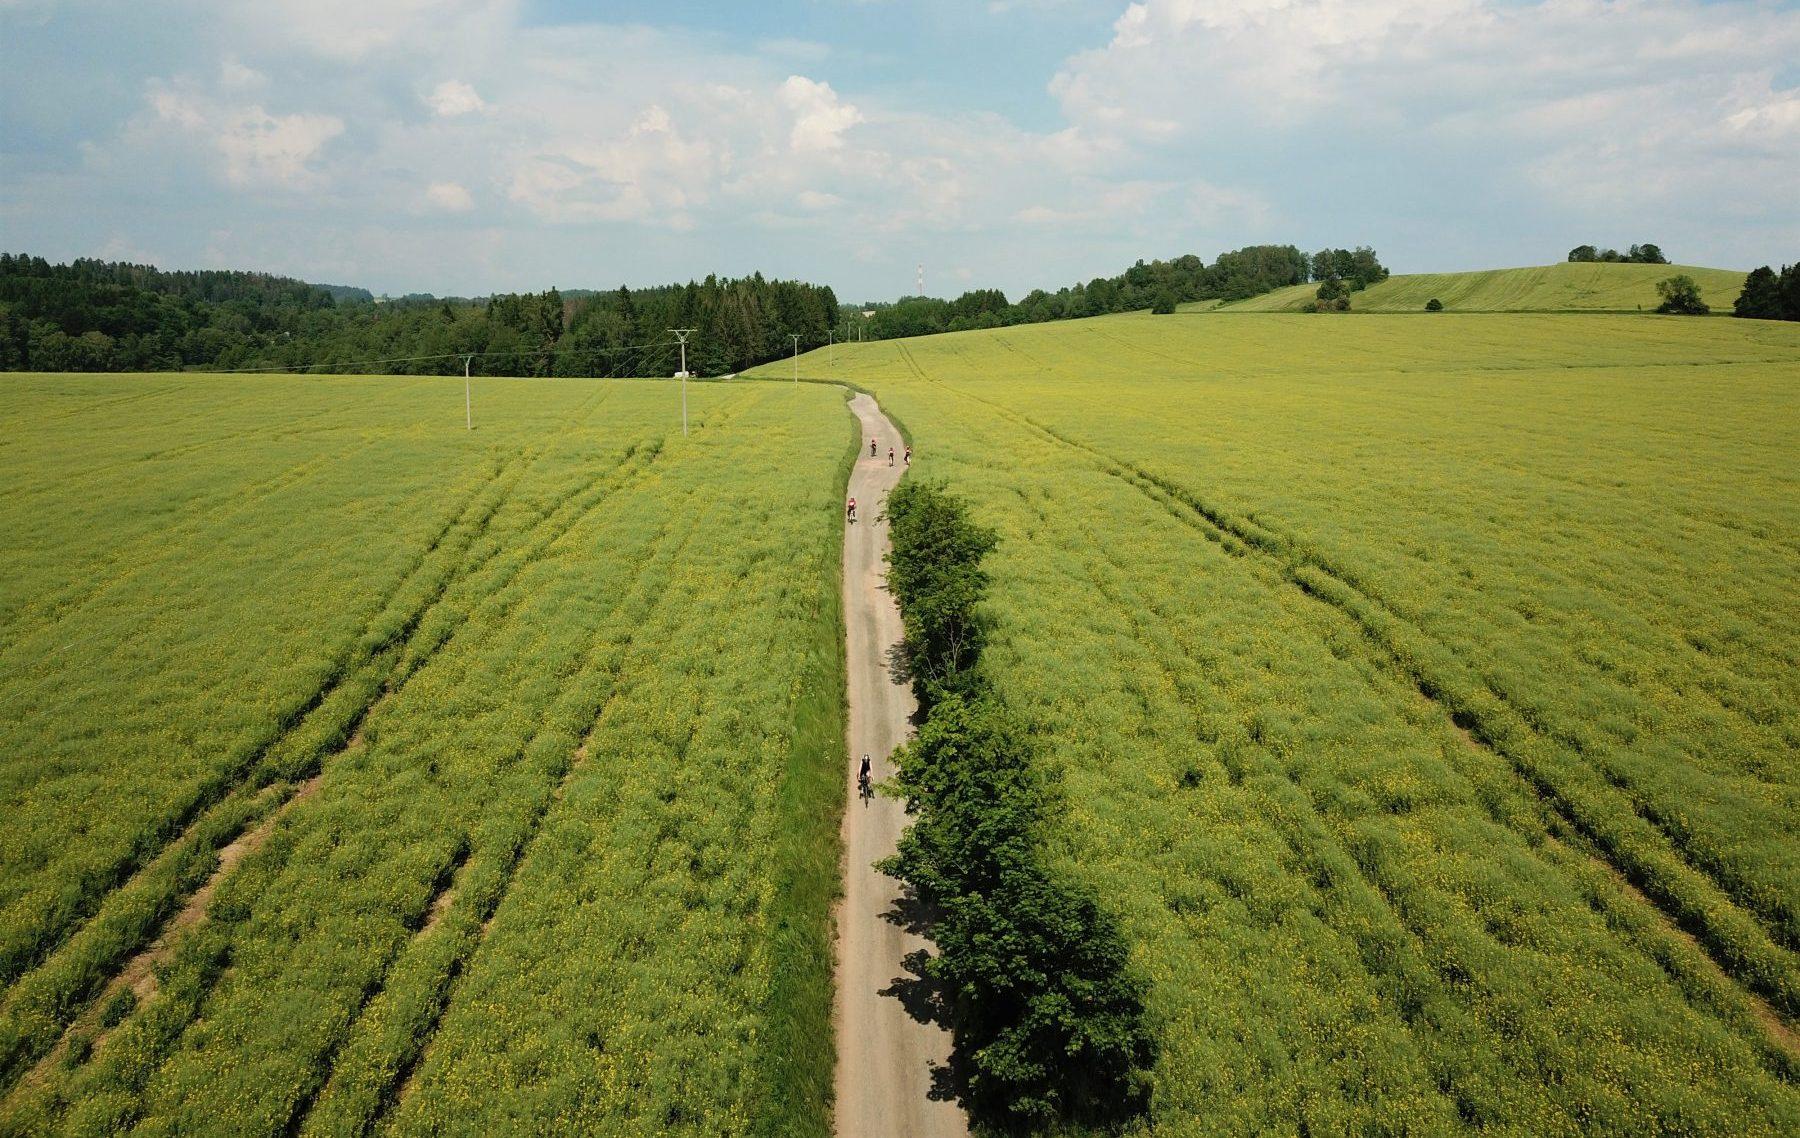 Pyöräilijöitä viljapeltoja halkovalla kapealla maalaistiellä.